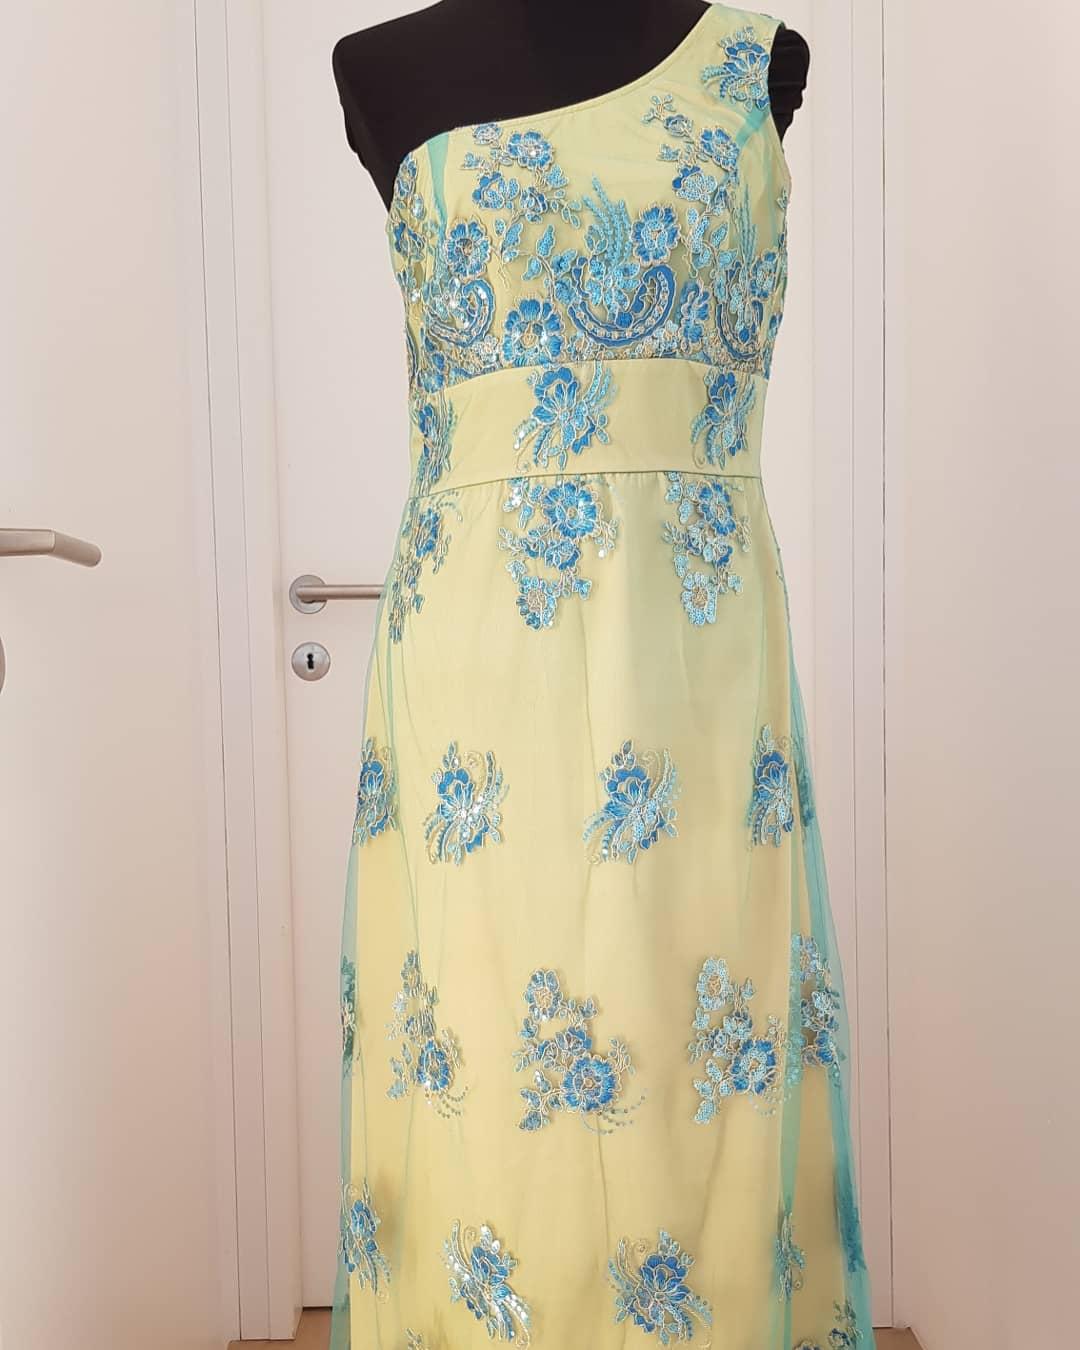 cocktailkleid, gelb, blau, madada - luxuspuppe-luxusmode aus